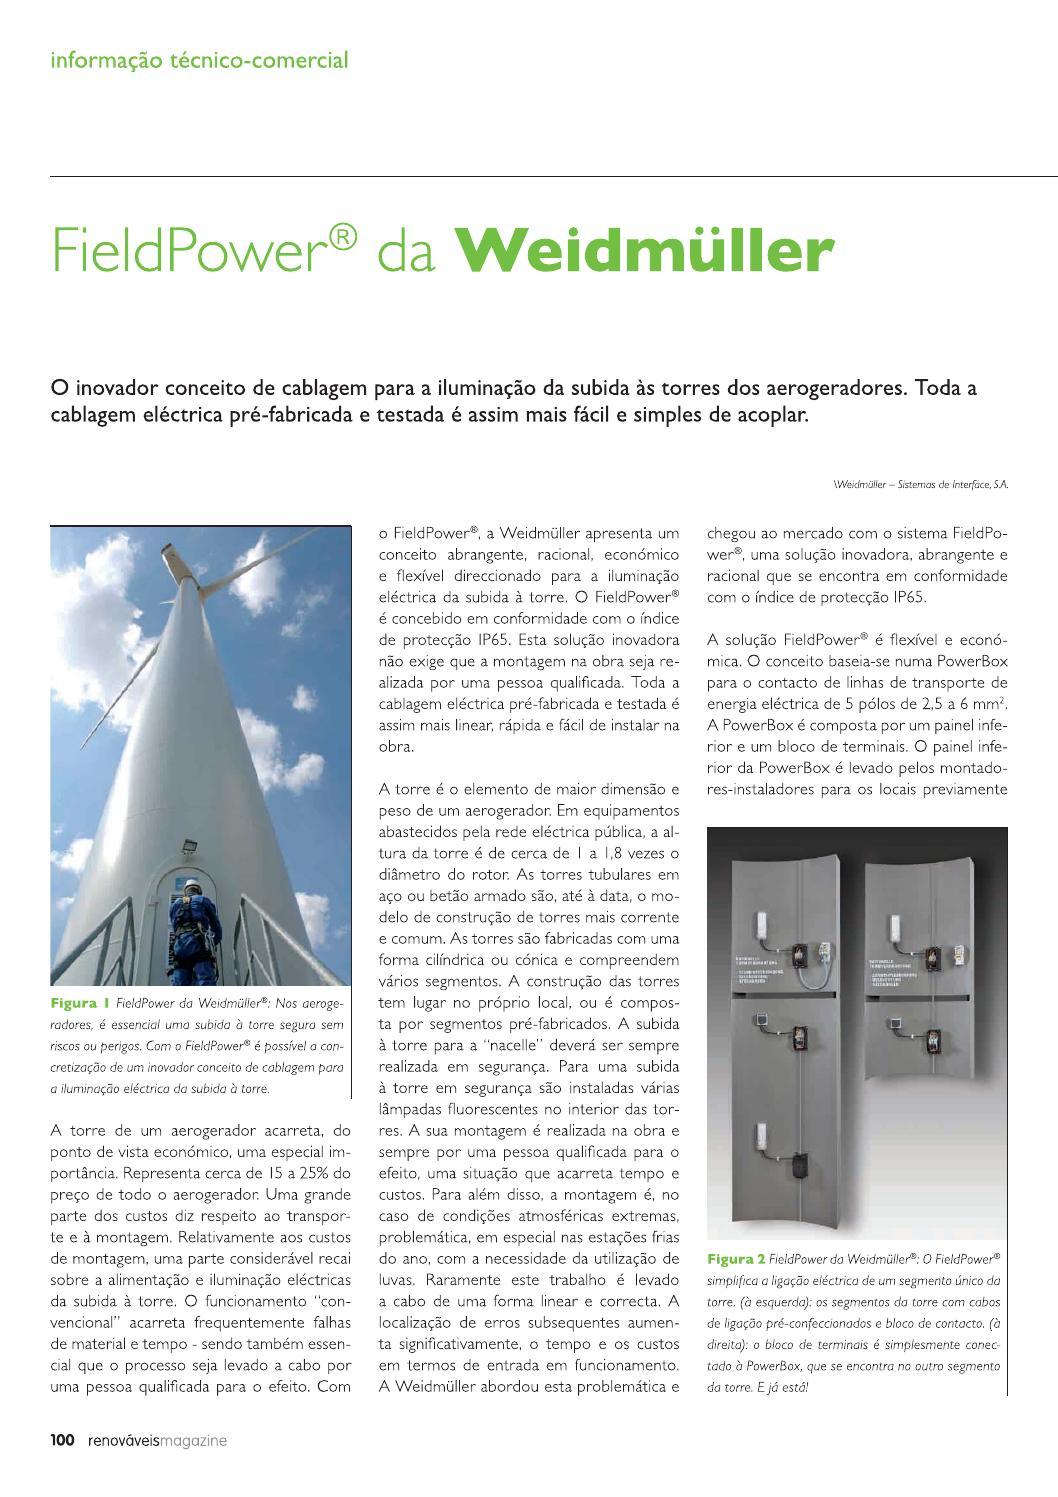 FieldPower da Weidmüller by cie - issuu